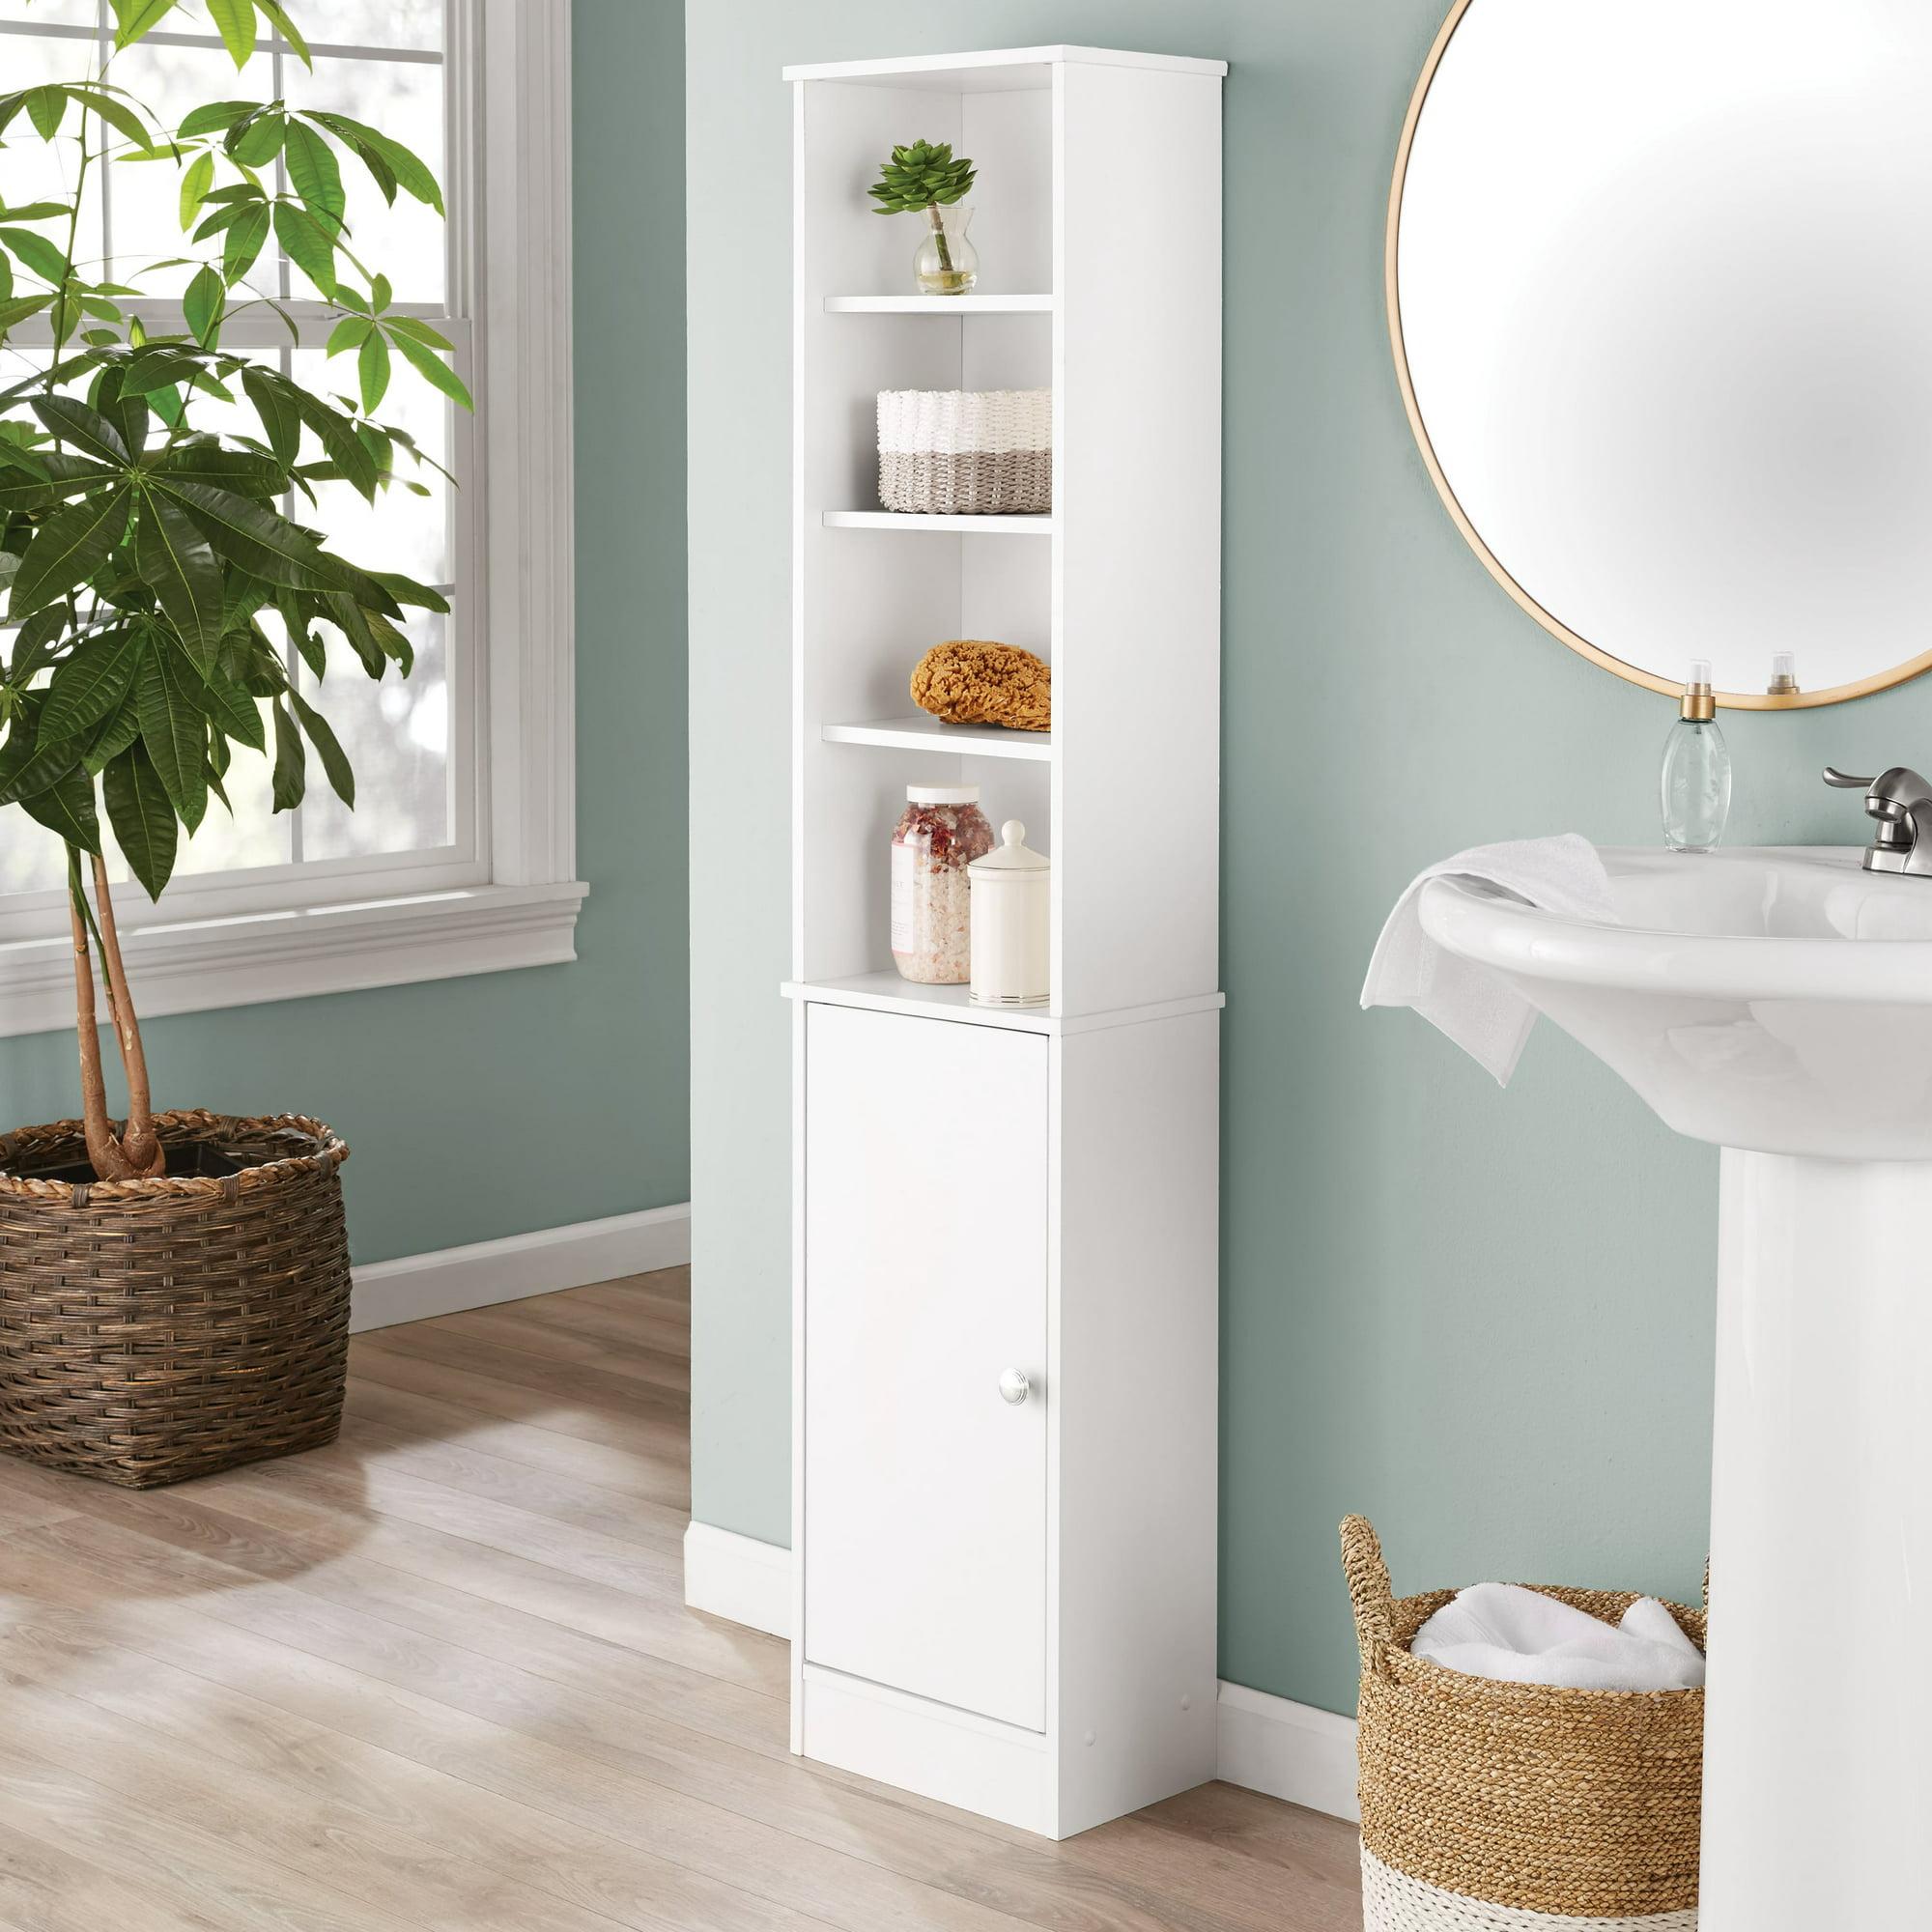 Bathroom Storage 4 Shelf Linen Tower